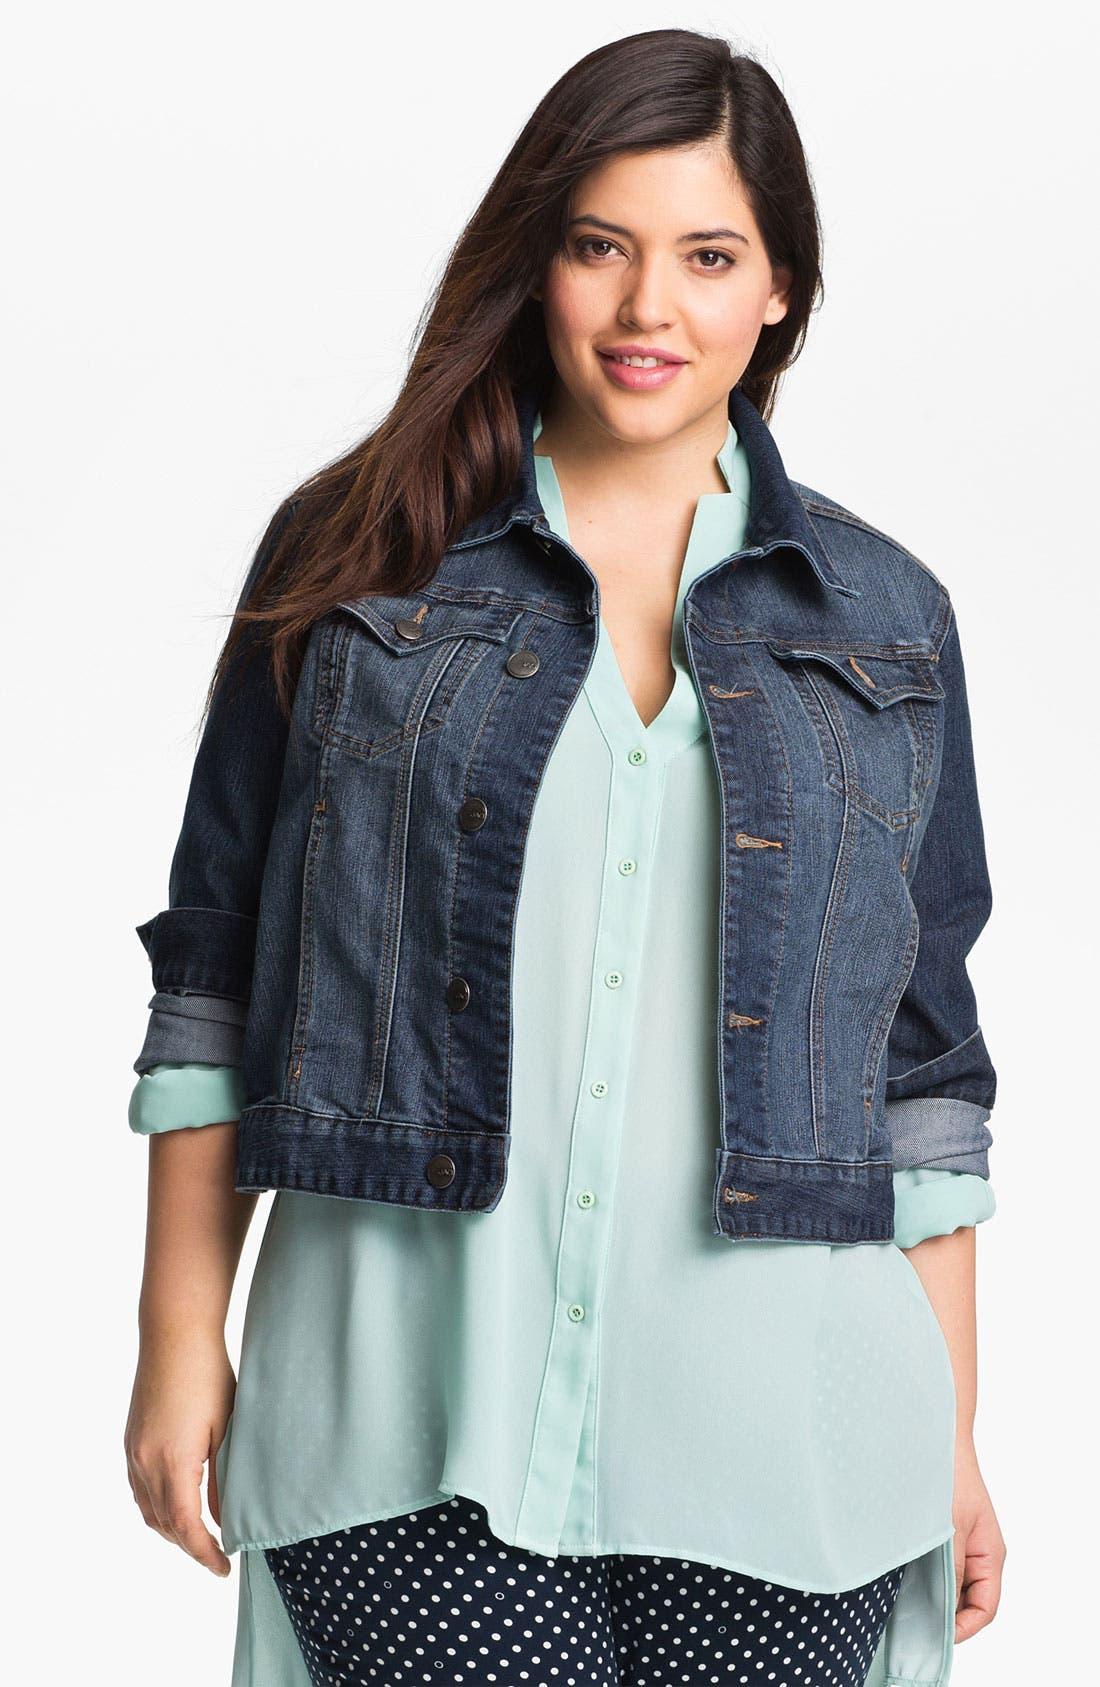 Alternate Image 1 Selected - Jag Jeans 'Rupert' Denim Jacket (Plus Size)